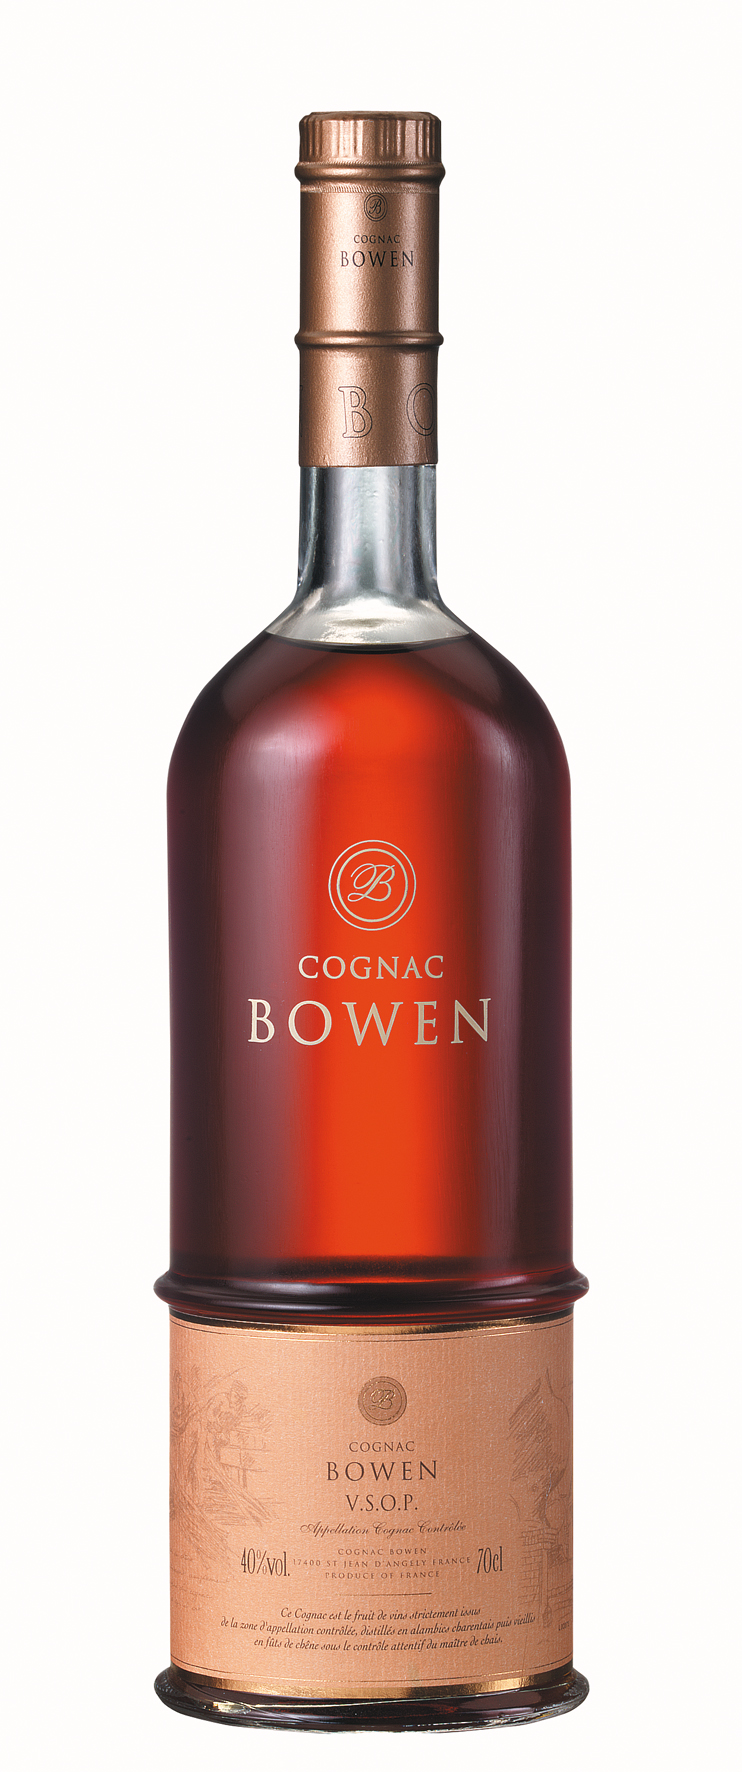 Cognac Bowen VSOP 4-5 Jahre in GP